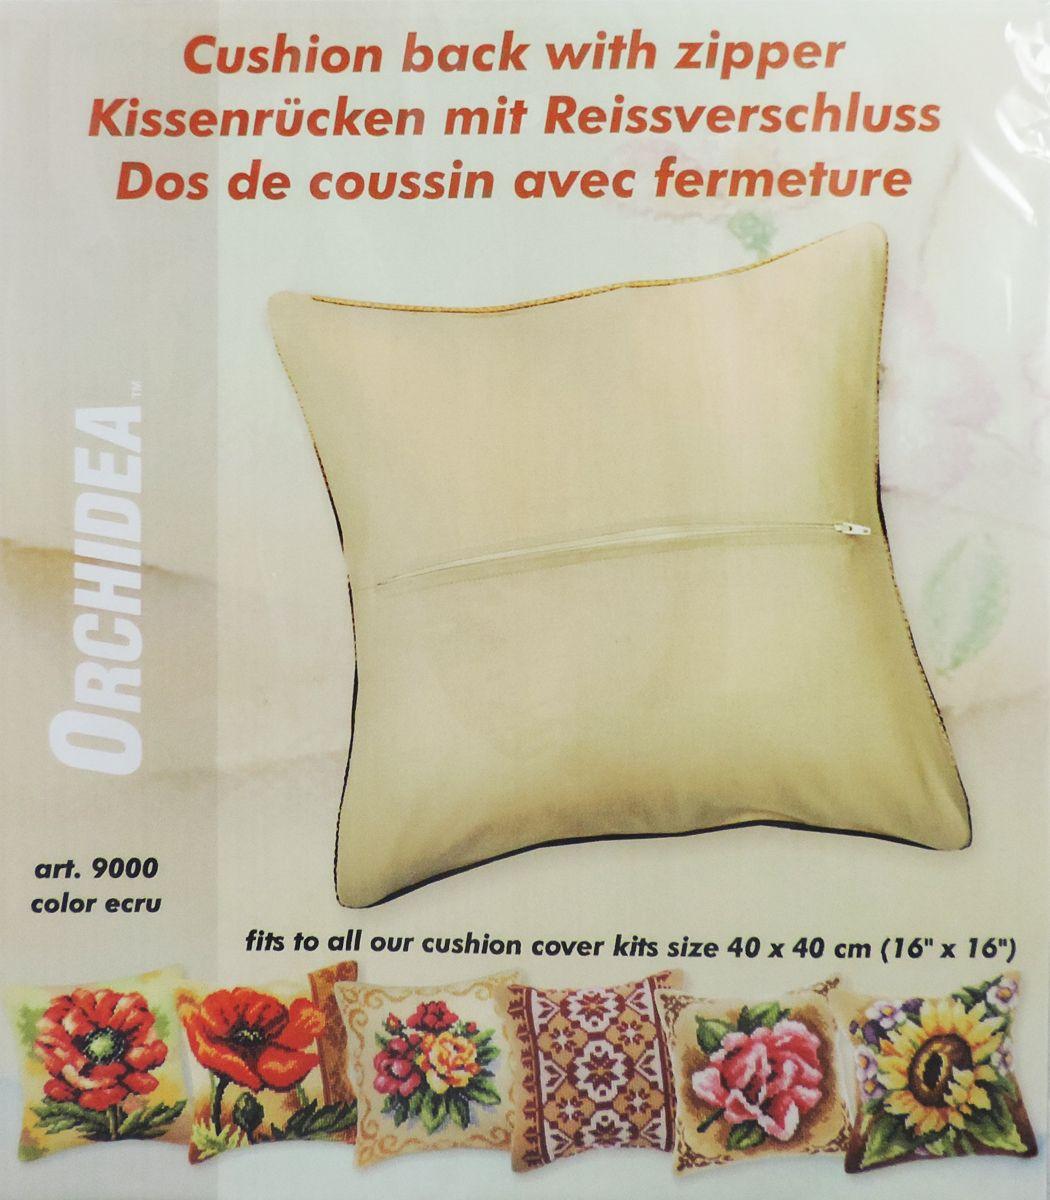 Обратная сторона подушки Orchidea, 45 х 45 см, цвет: бежевыйNLED-454-9W-BKОбратная сторона подушки с уже вшитой молнией. Идеальна для подушек размером 40х40 см. В центре вшит замок-молния, вам останется только пришить ее к декоративной части подушки. Состав: 100% хлопок